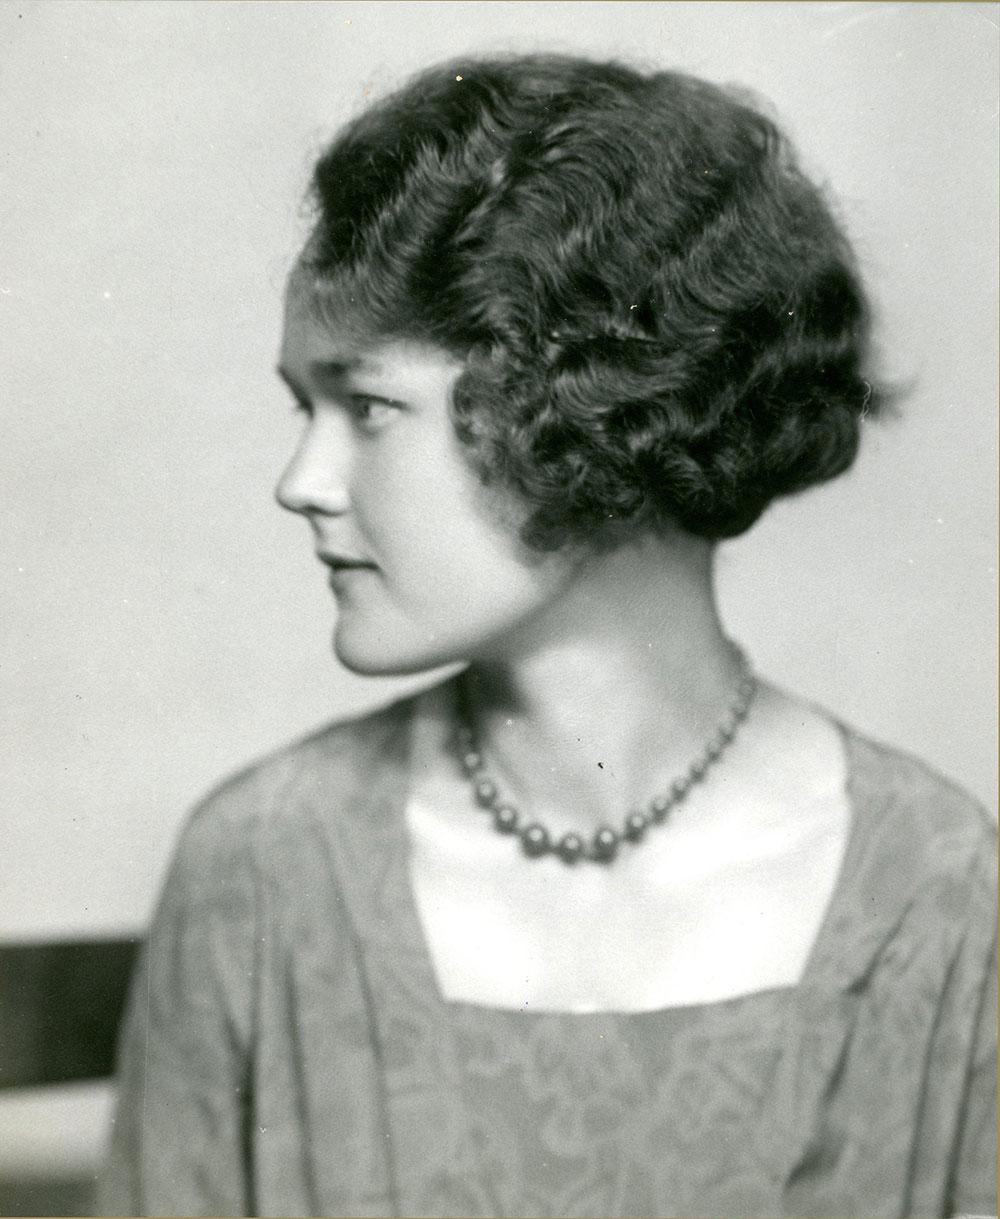 Mary-Crowley-Profile-1932